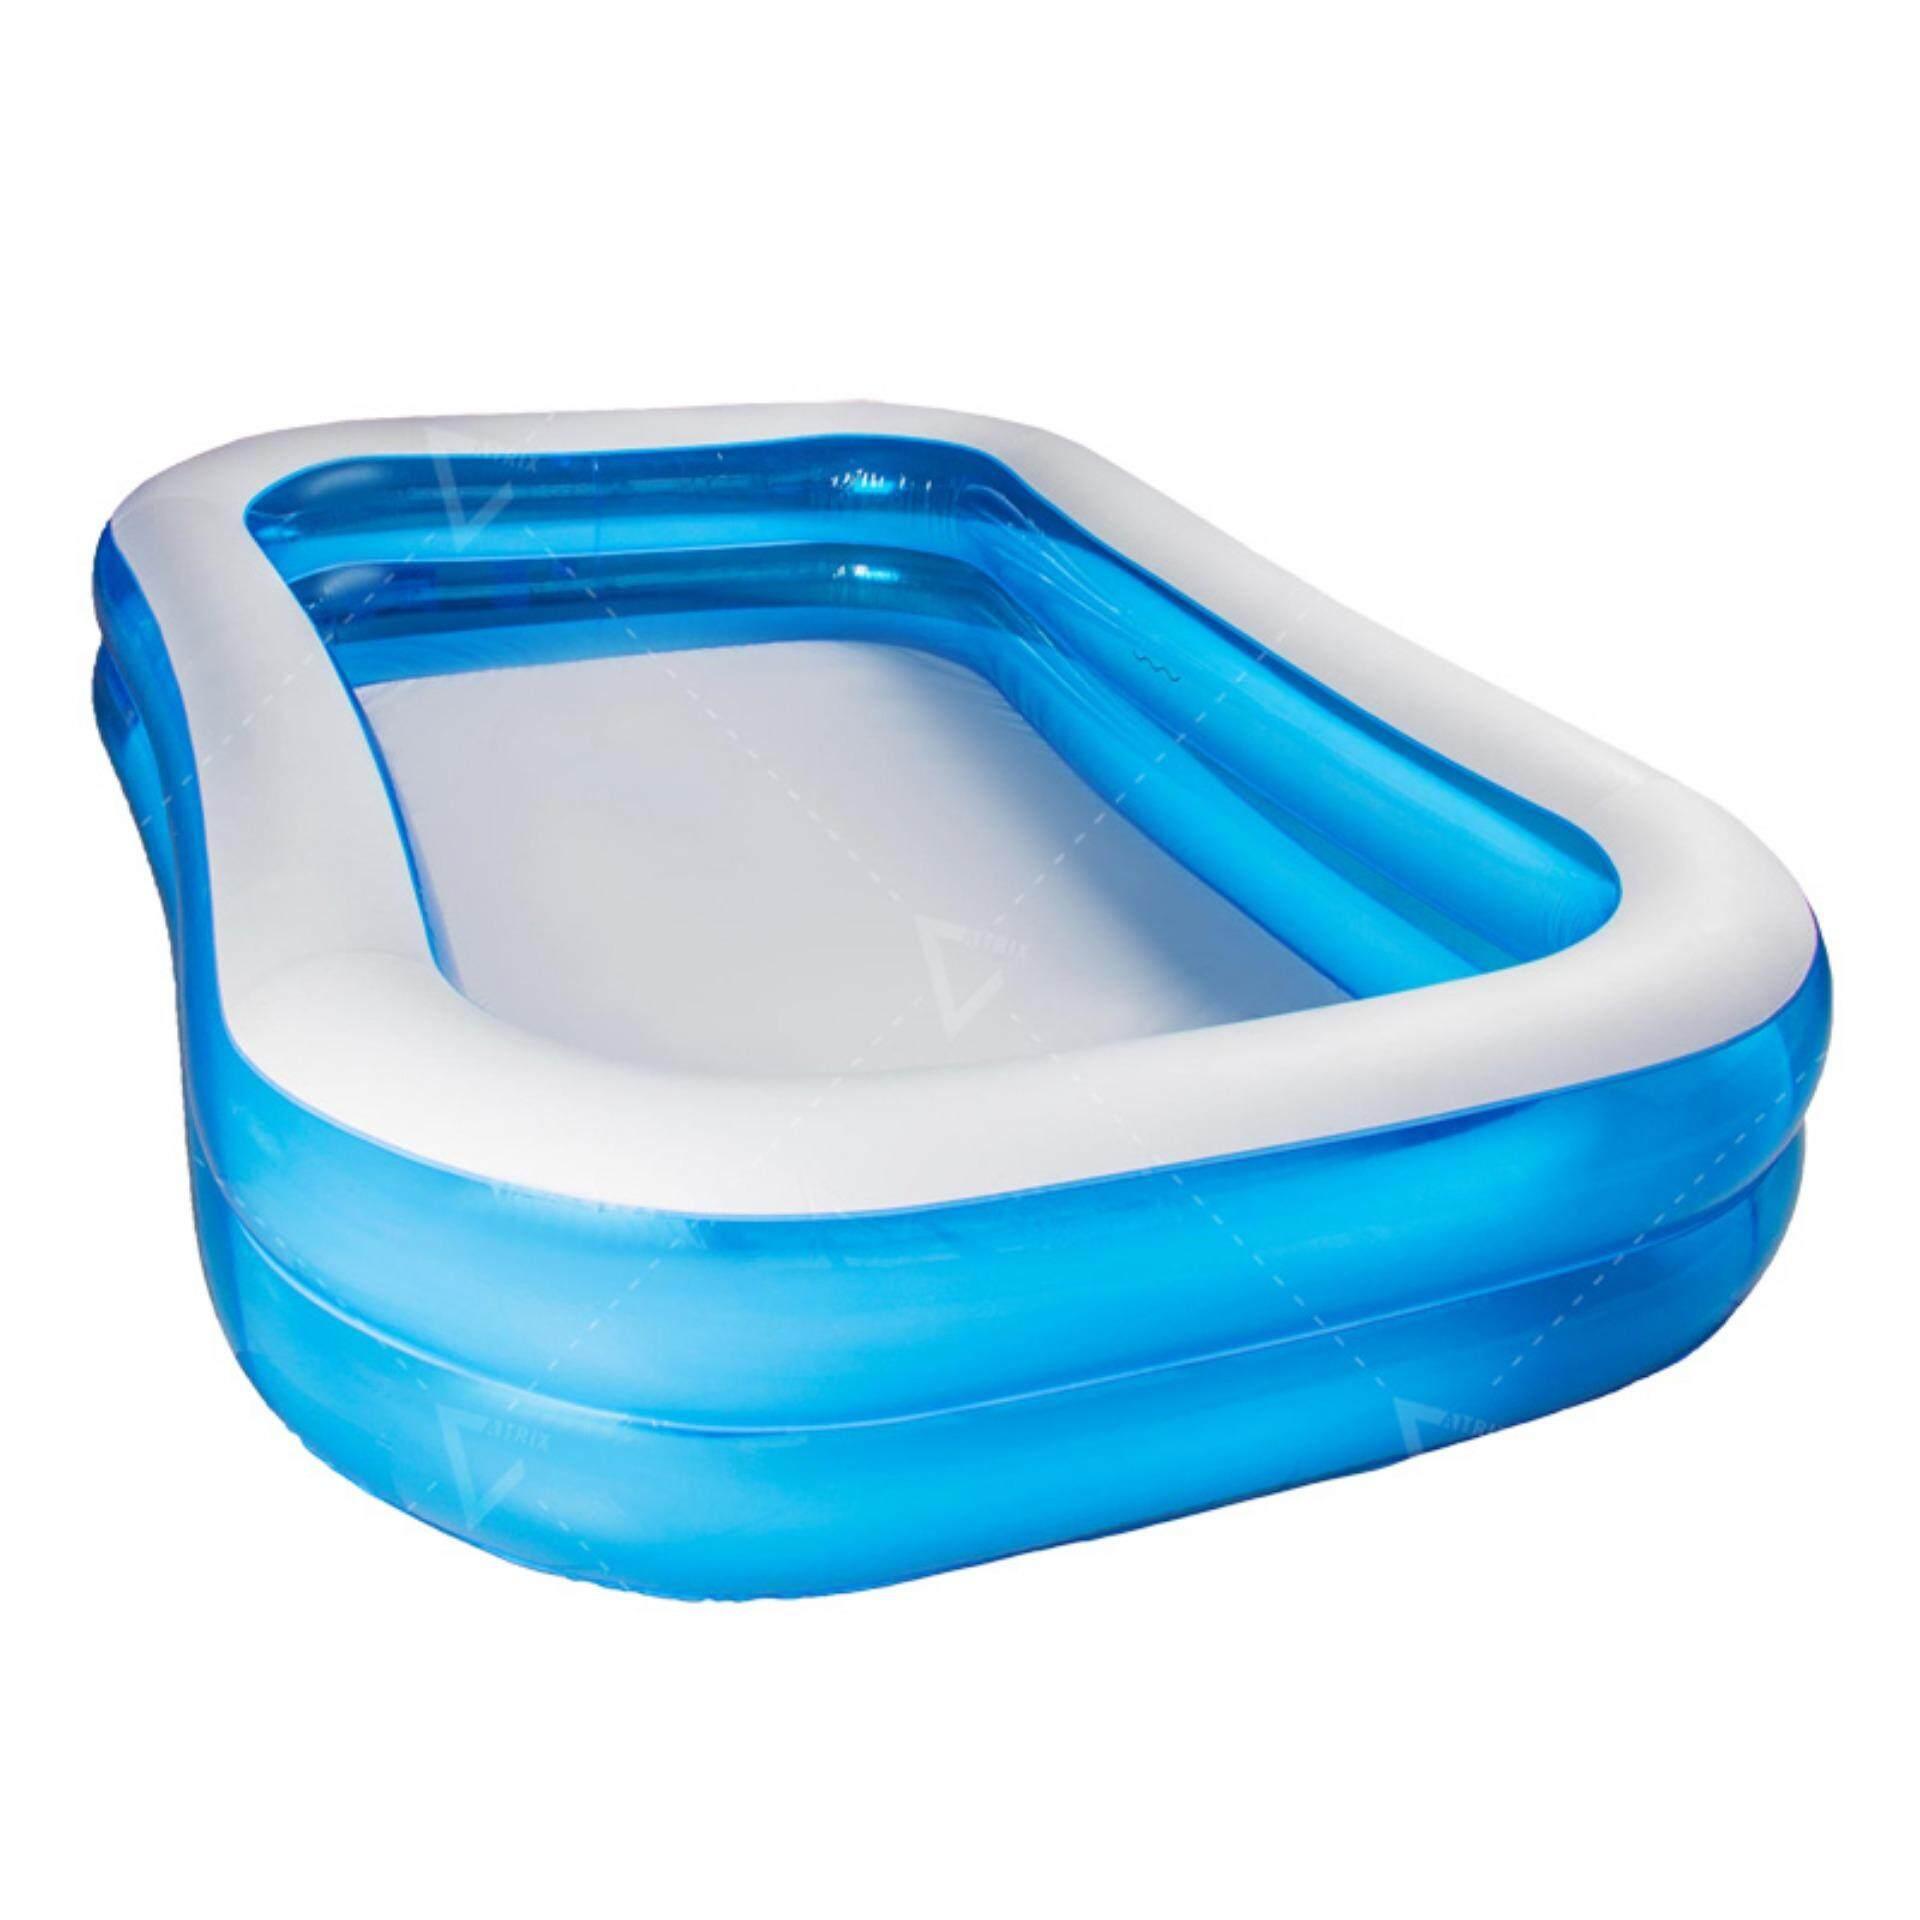 โปรโมชั่น Atrix สระน้ำเป่าลม ขนาด 200 X 150 X 51 Cm อย่างหนา Bestway Inflatable Pool Size M รุ่น Kds 0008